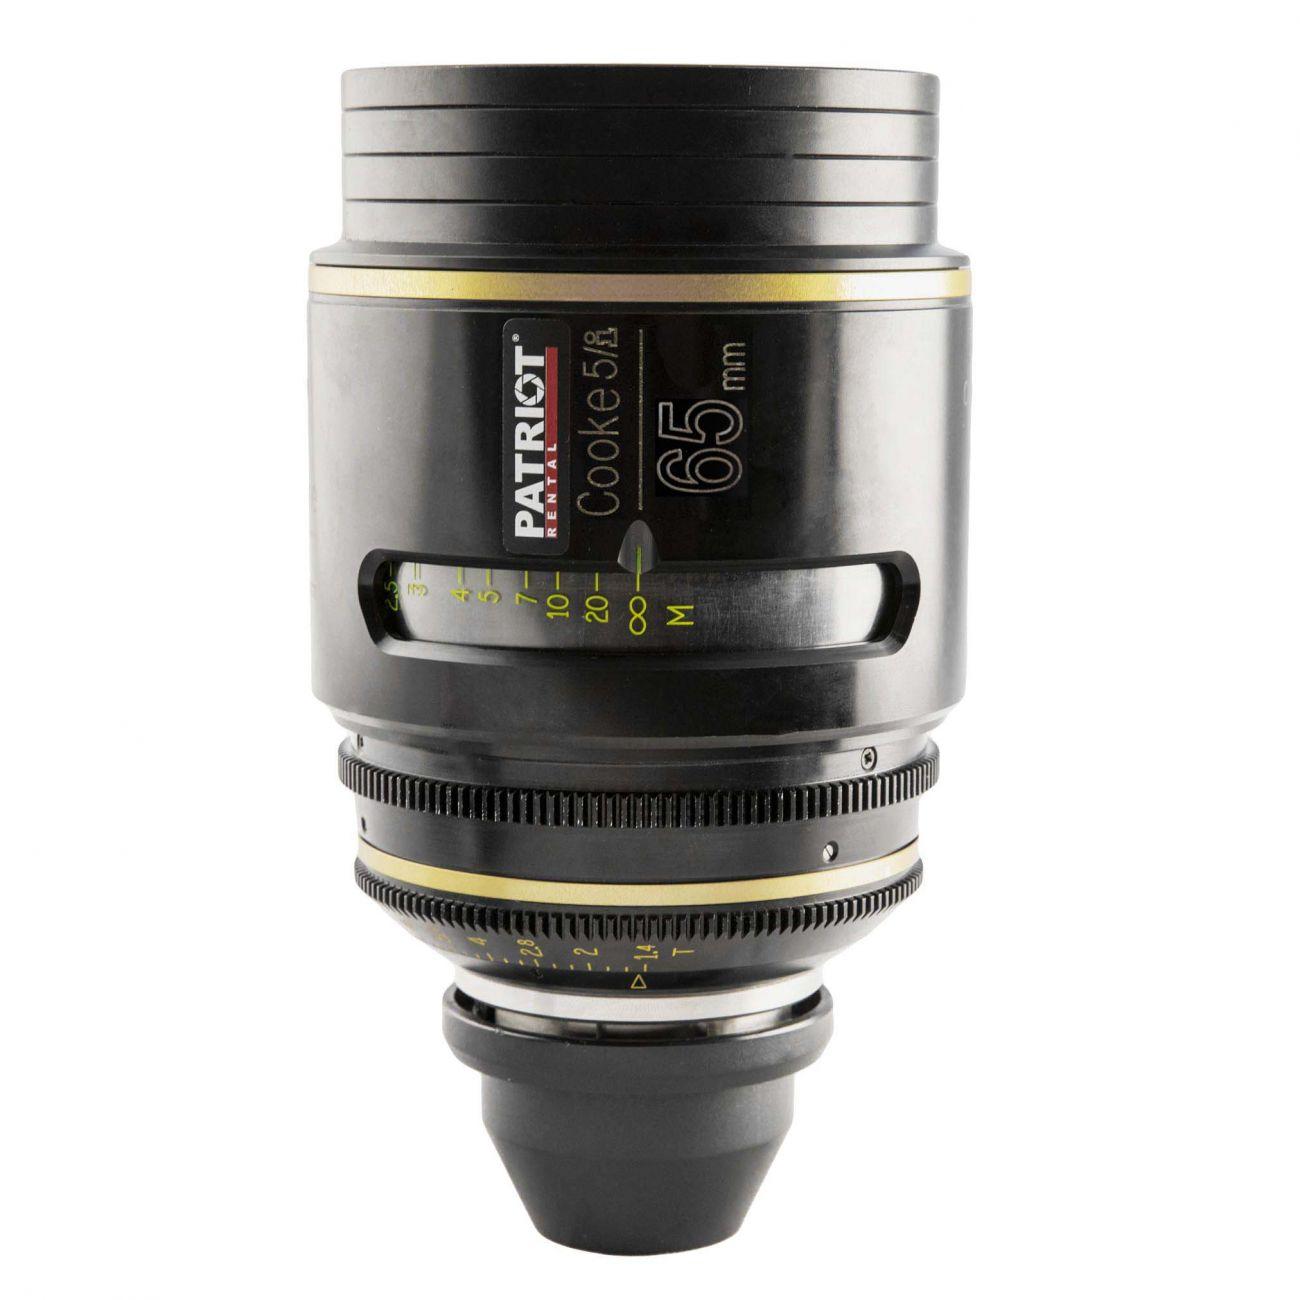 65mm COOKE 5/i lens T1.4